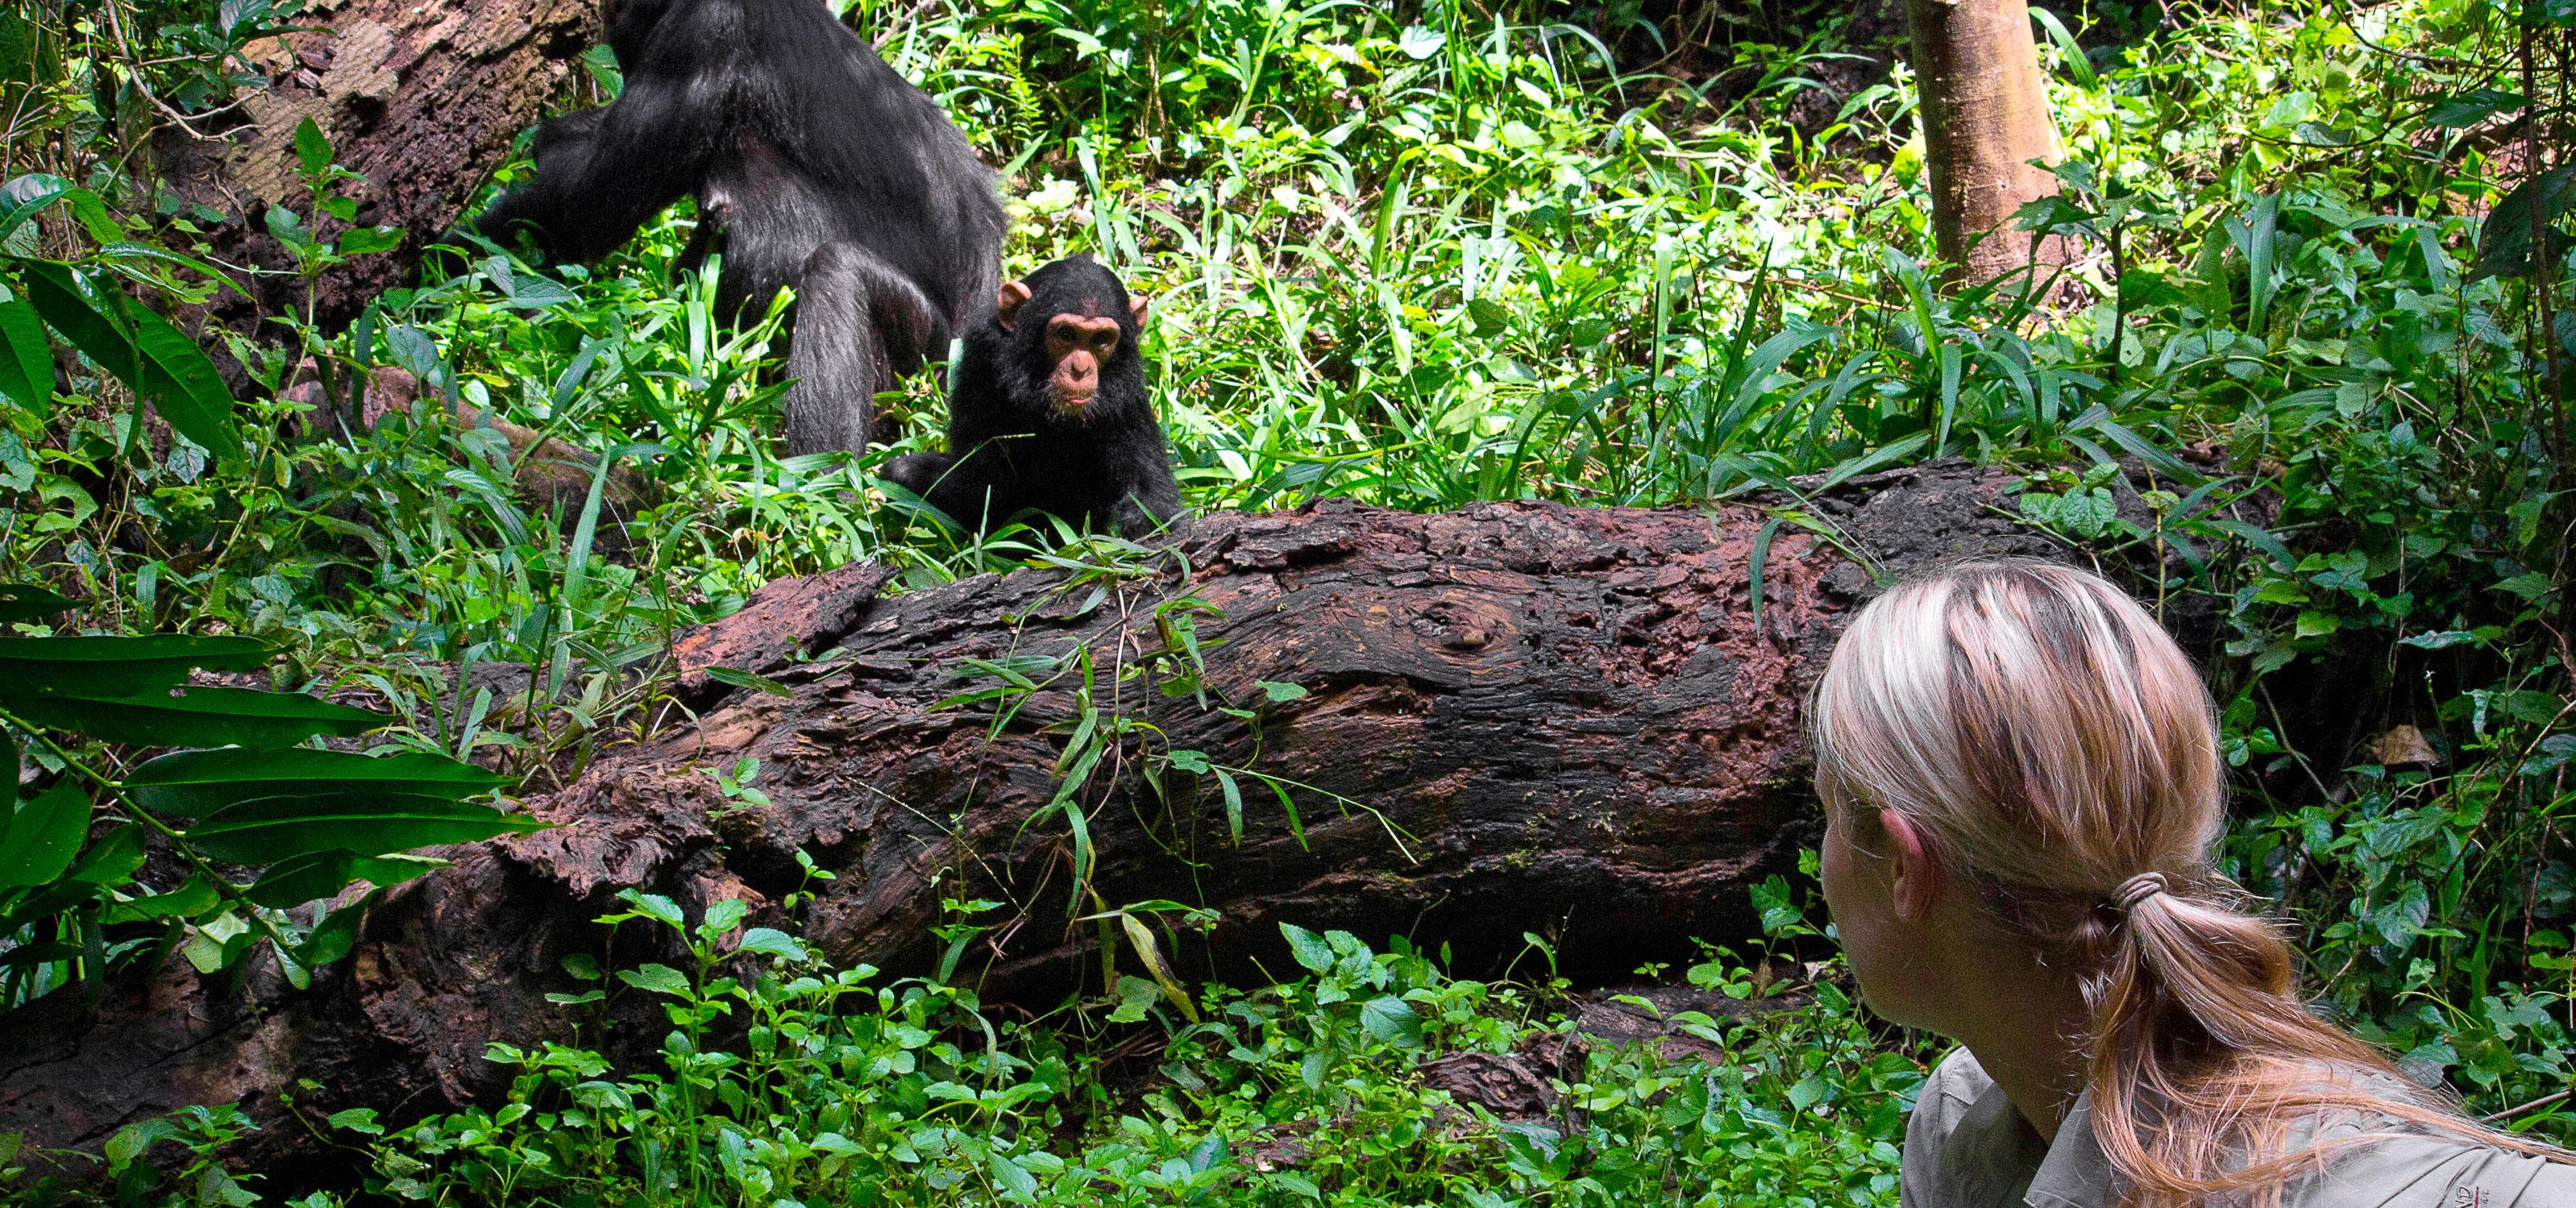 Iris Berger Uganda Chimp